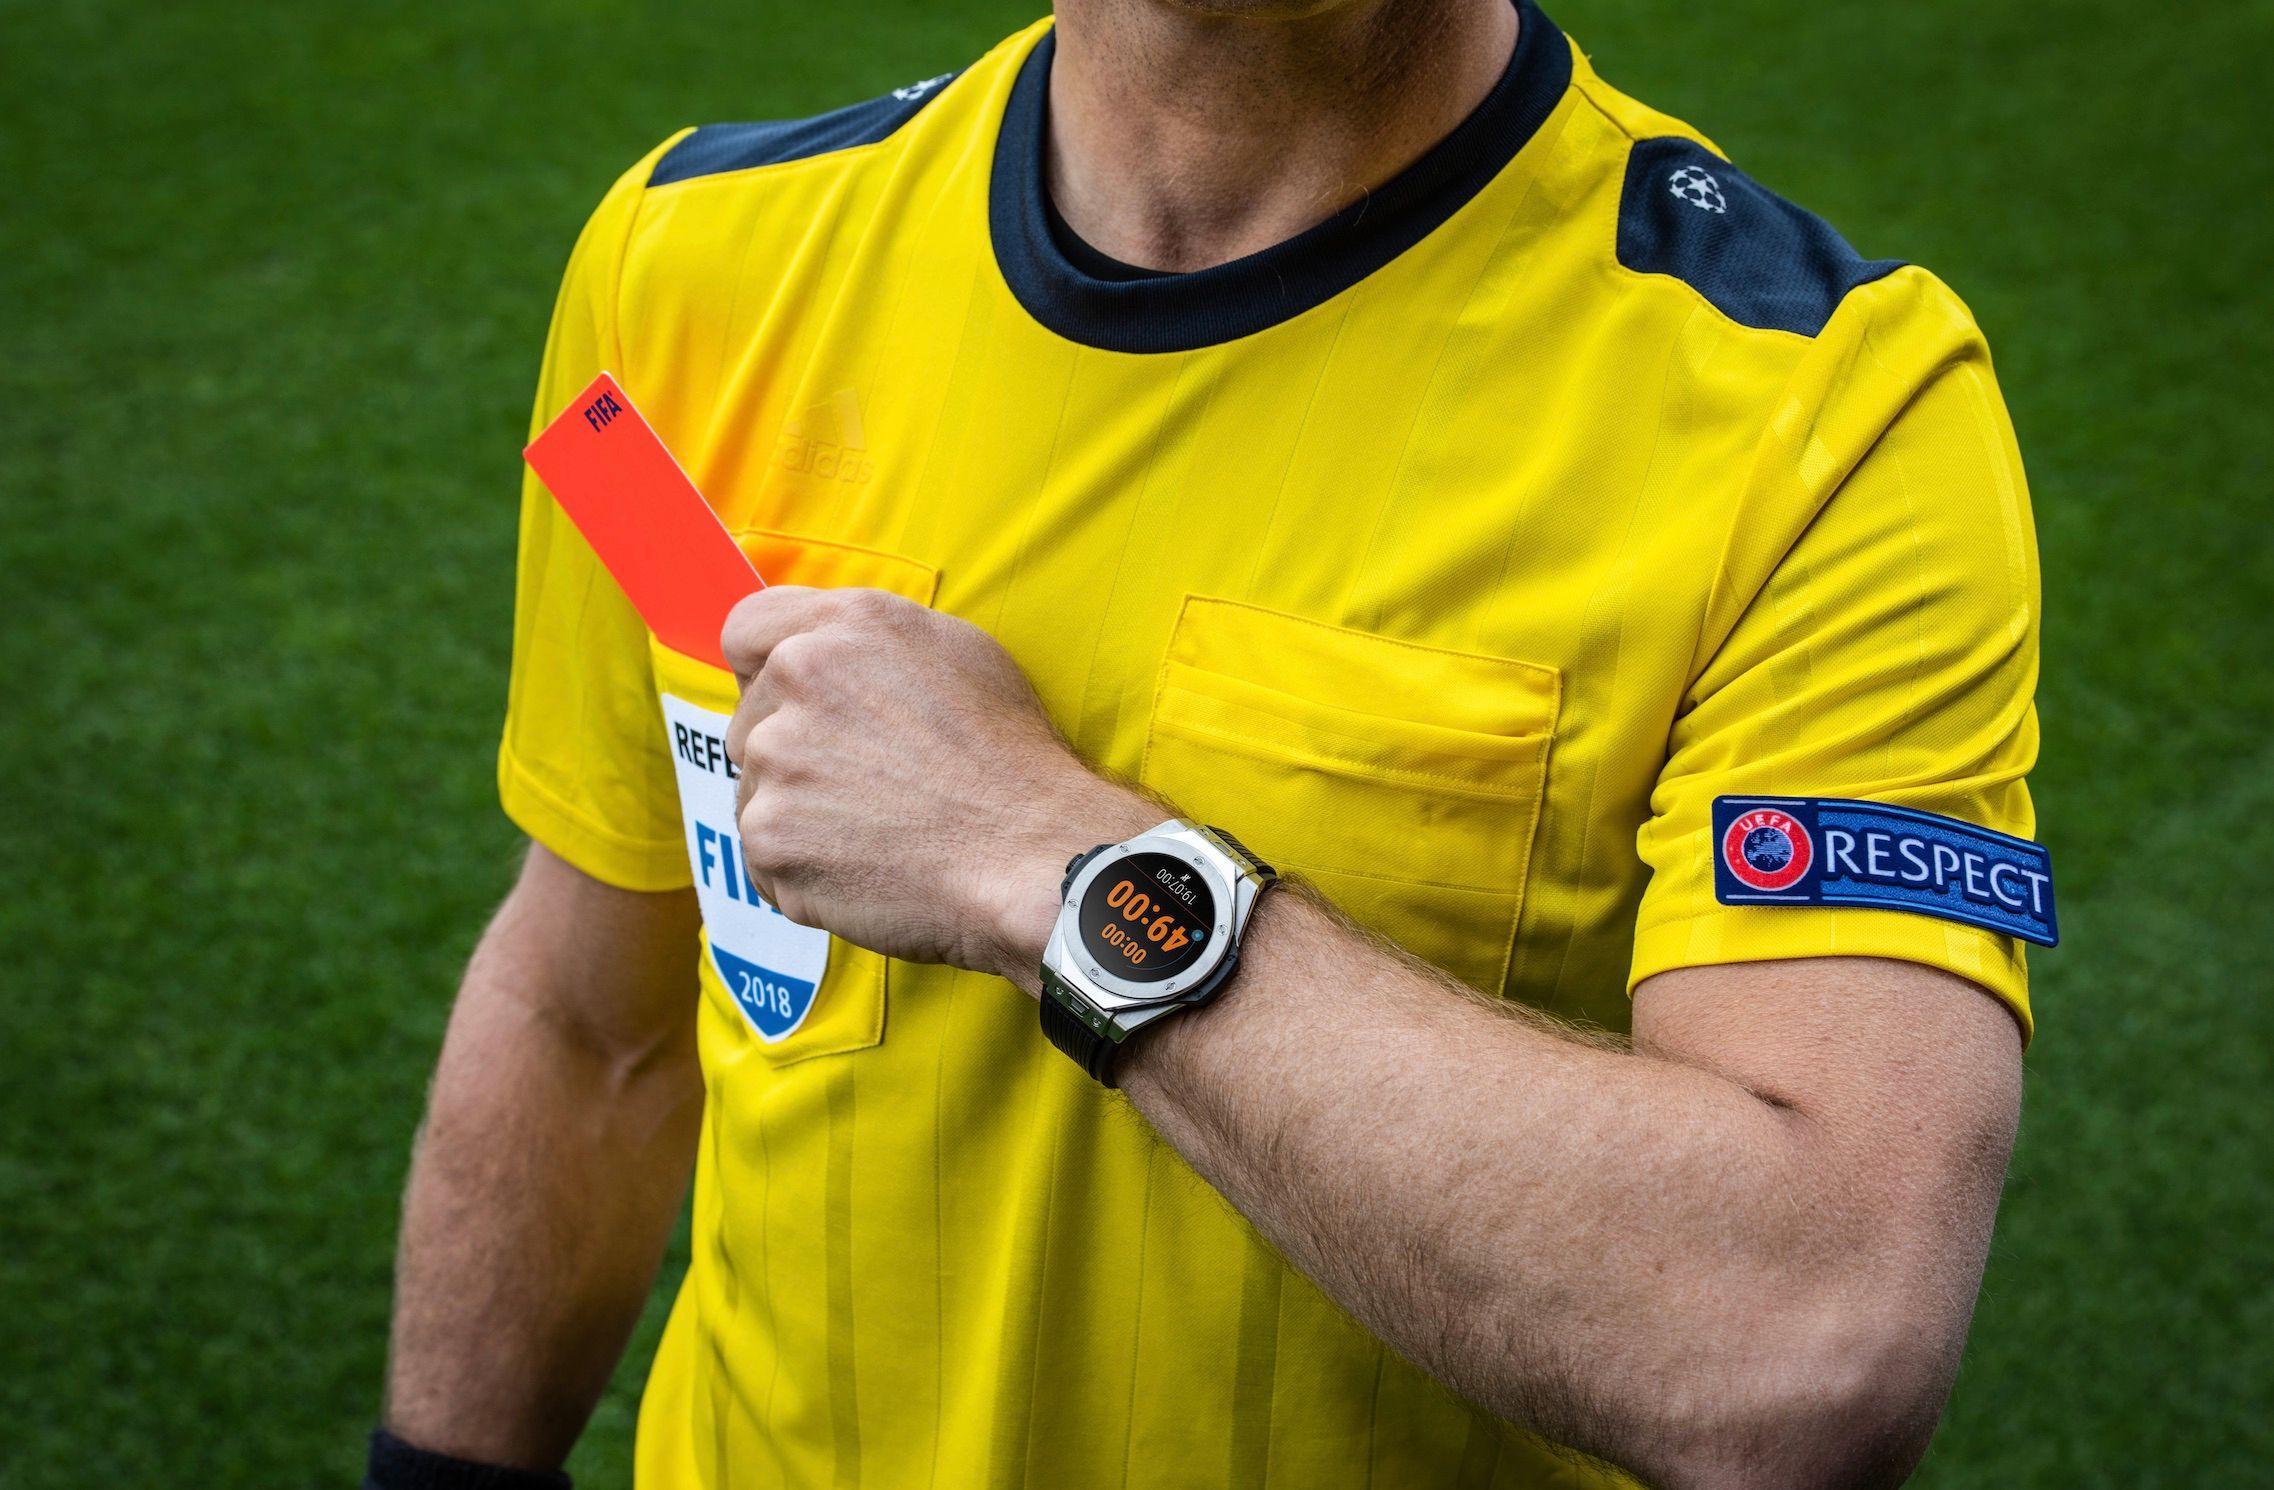 Au poignet de cet arbitre, une montre connectée Hublot que les amateurs se sont disputées pour 5 000 dollars…